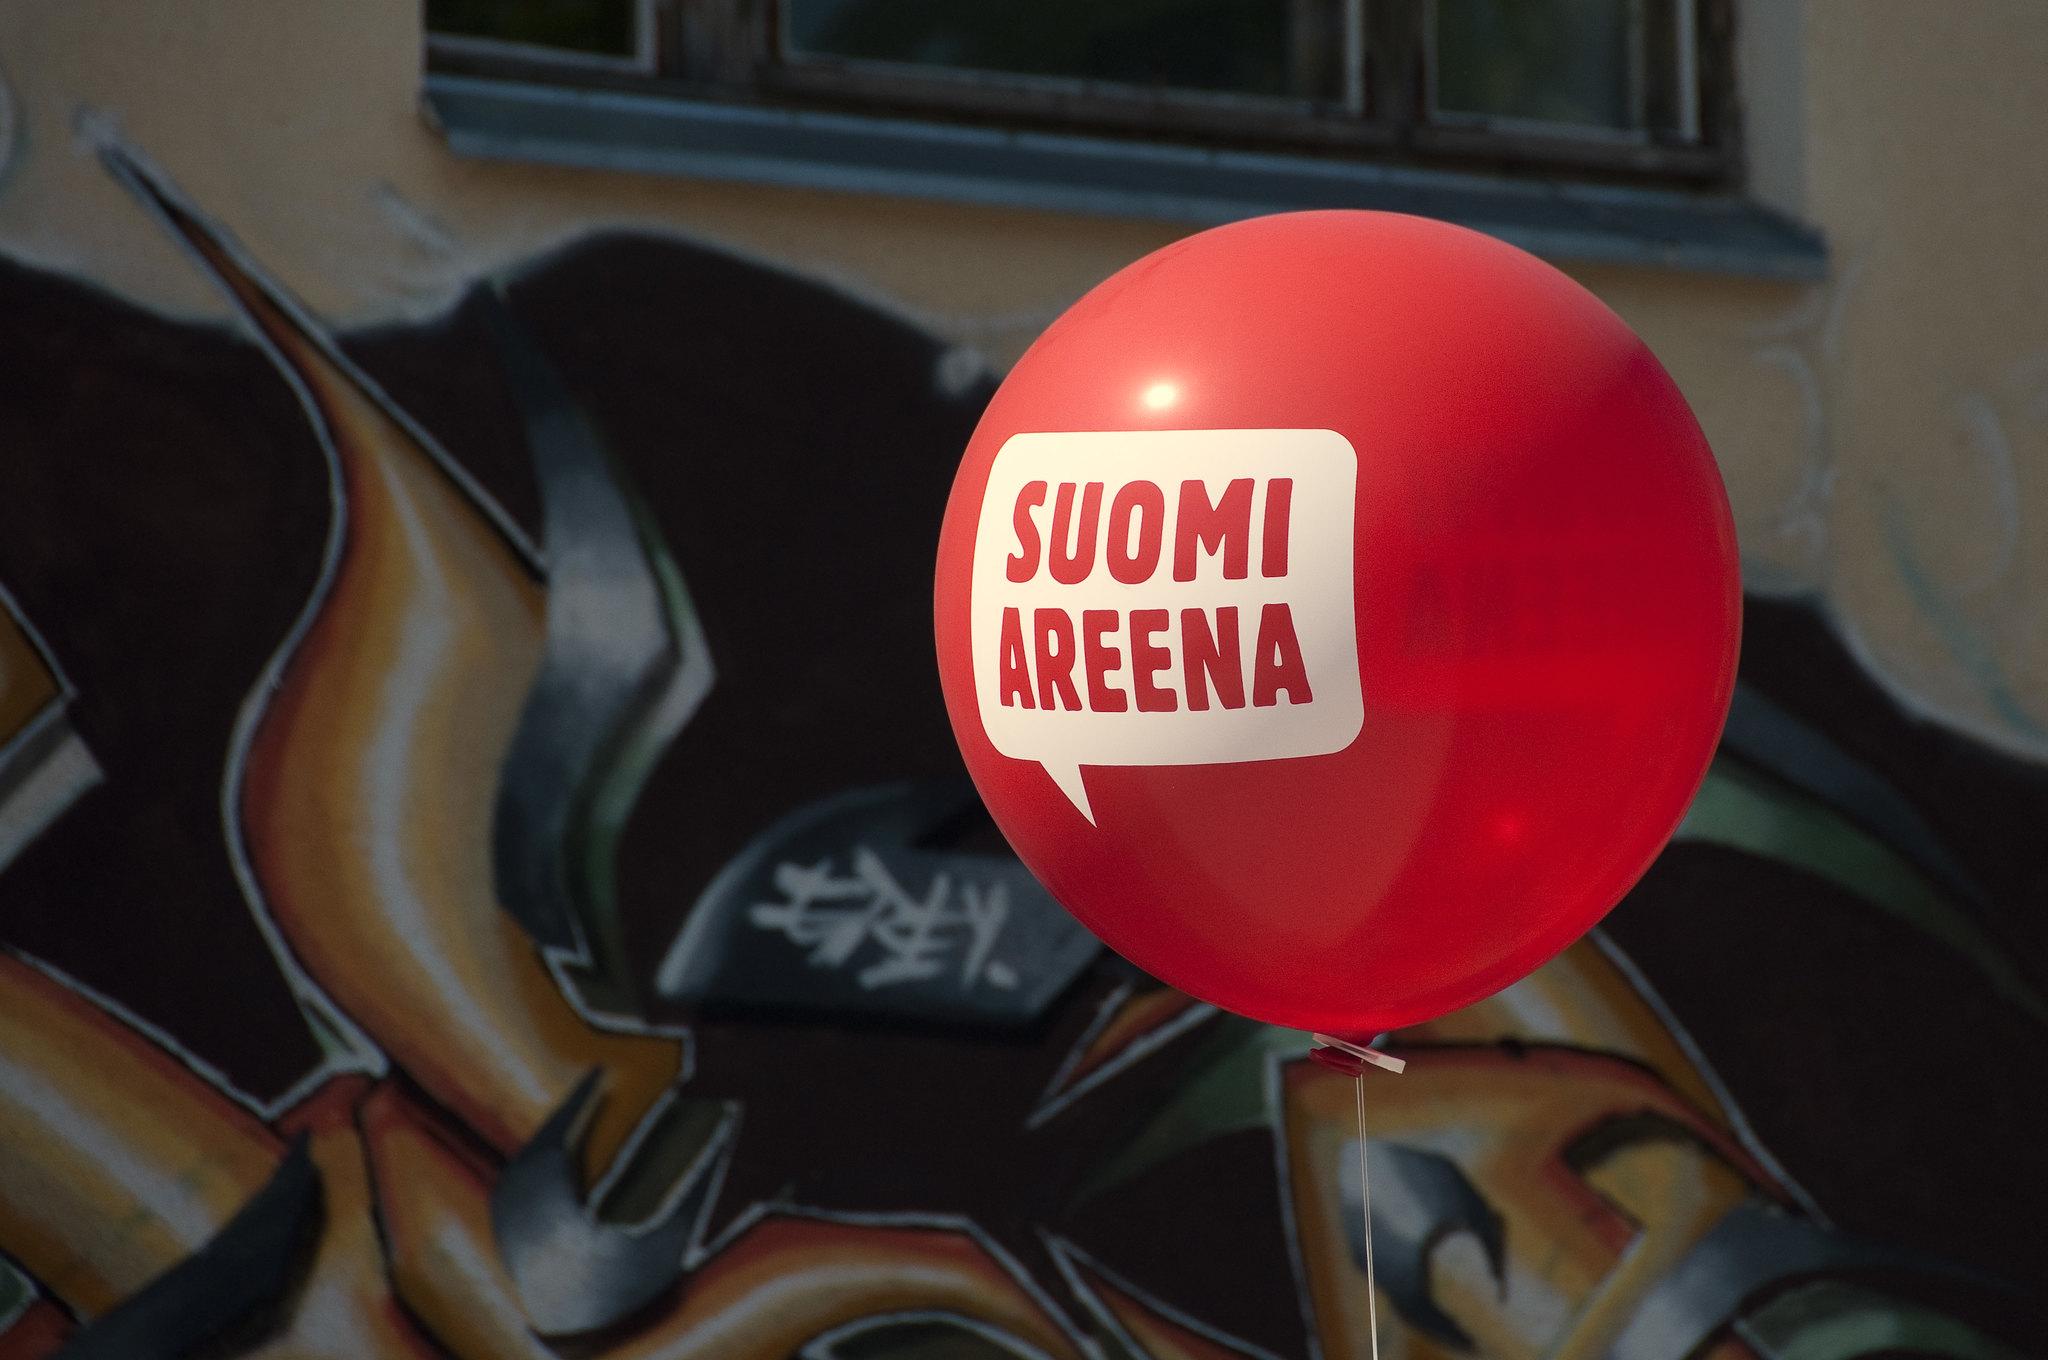 Punainen SuomiAreena -ilmapallo, tummaa taustaa vasten.